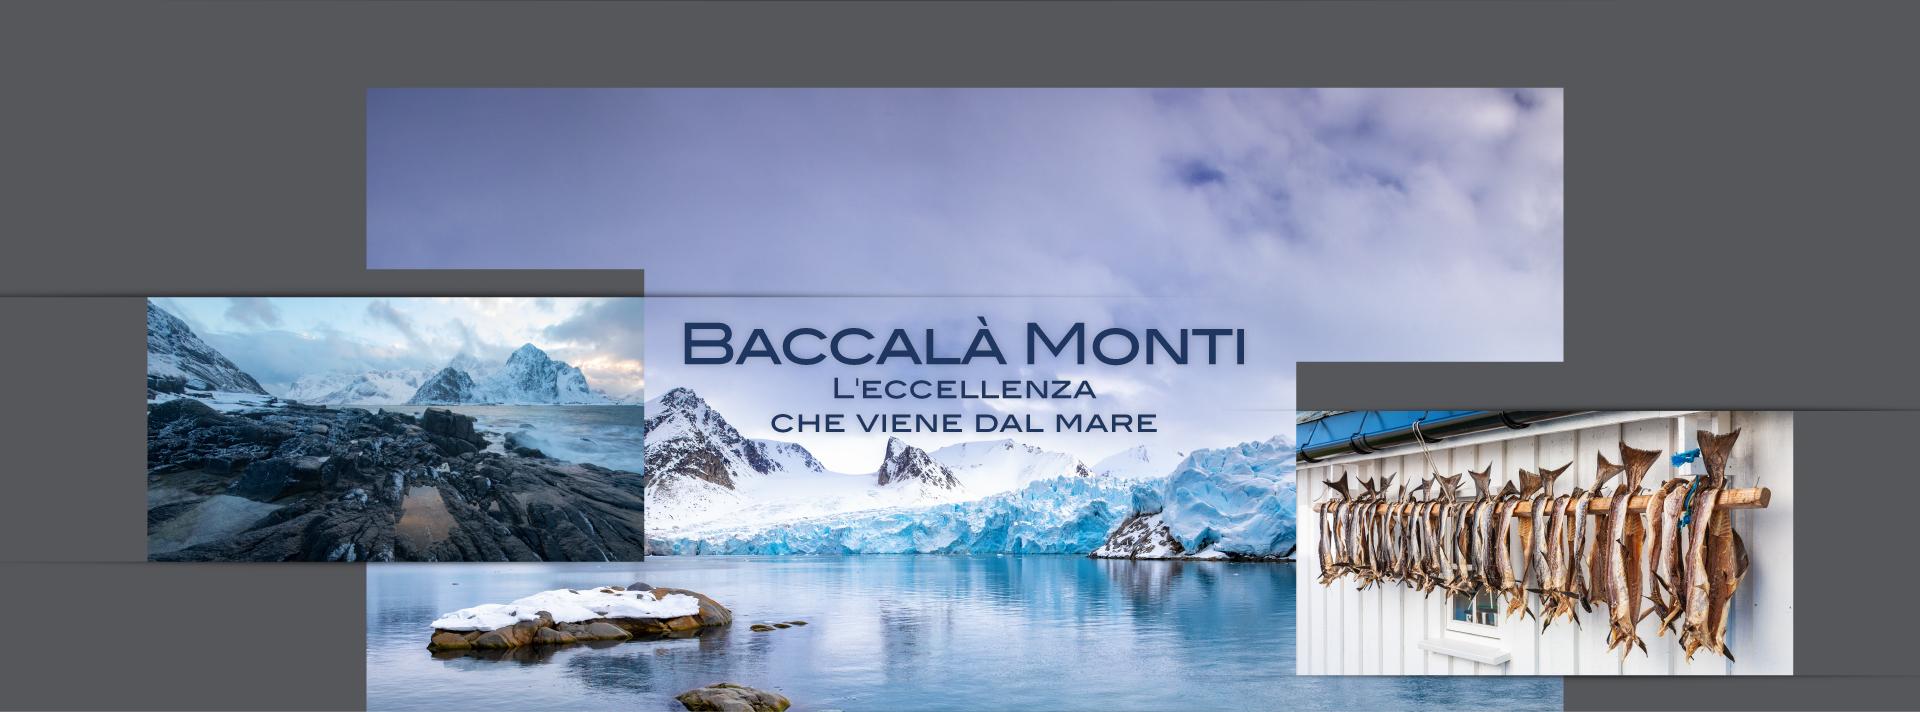 Baccalà Monti certificazioni-02